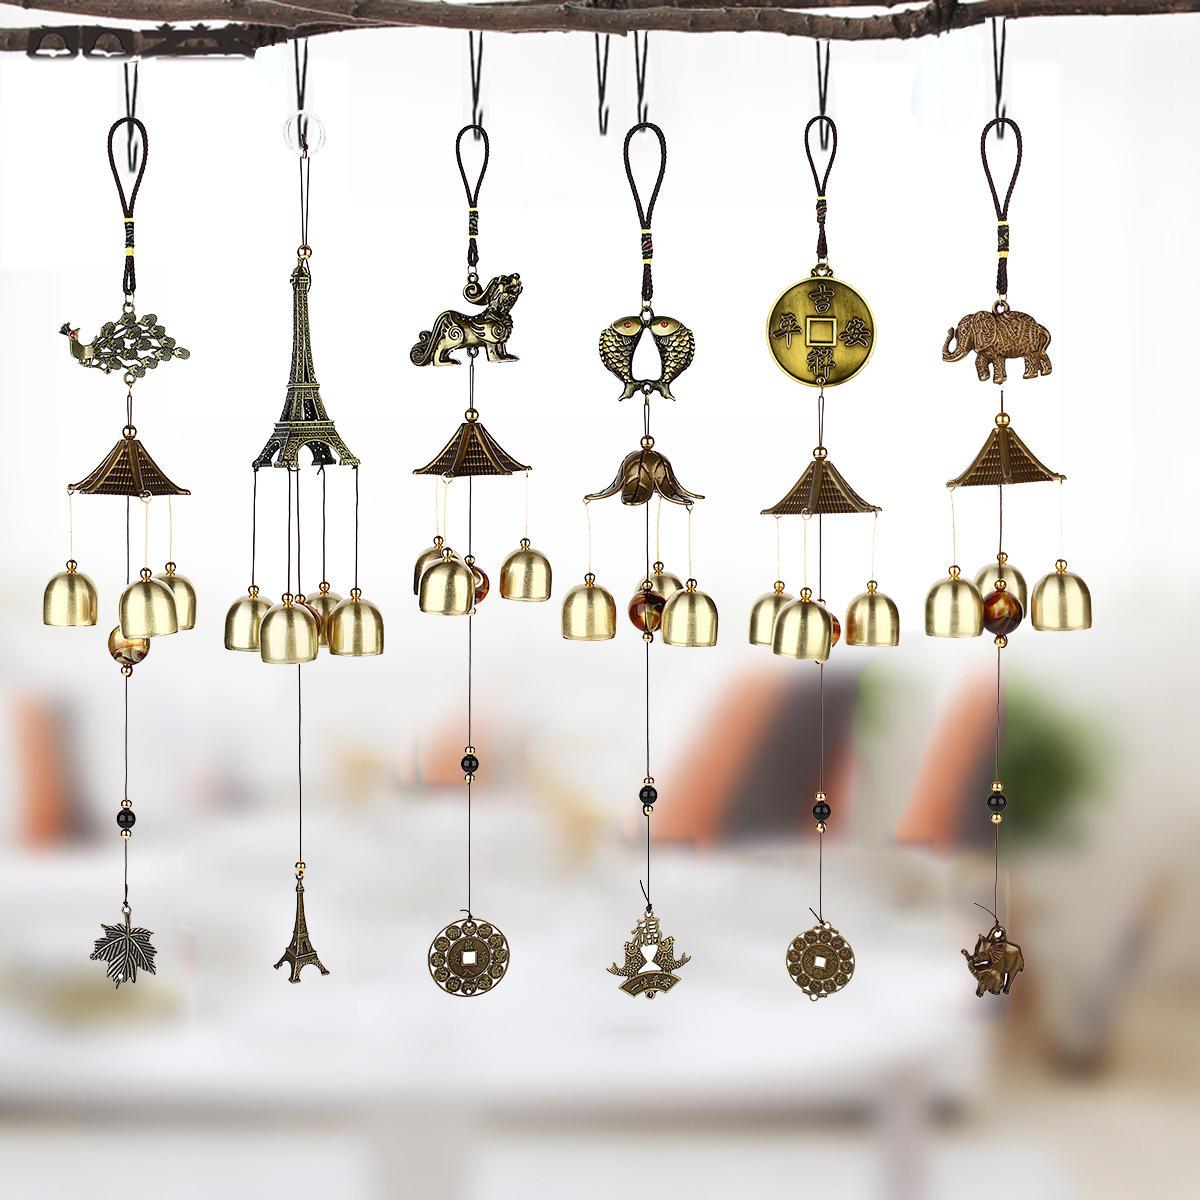 Windgong Bells Lucky Fish Elephant Garden Outdoor Windows Opknoping Ornament Decoraties - 4